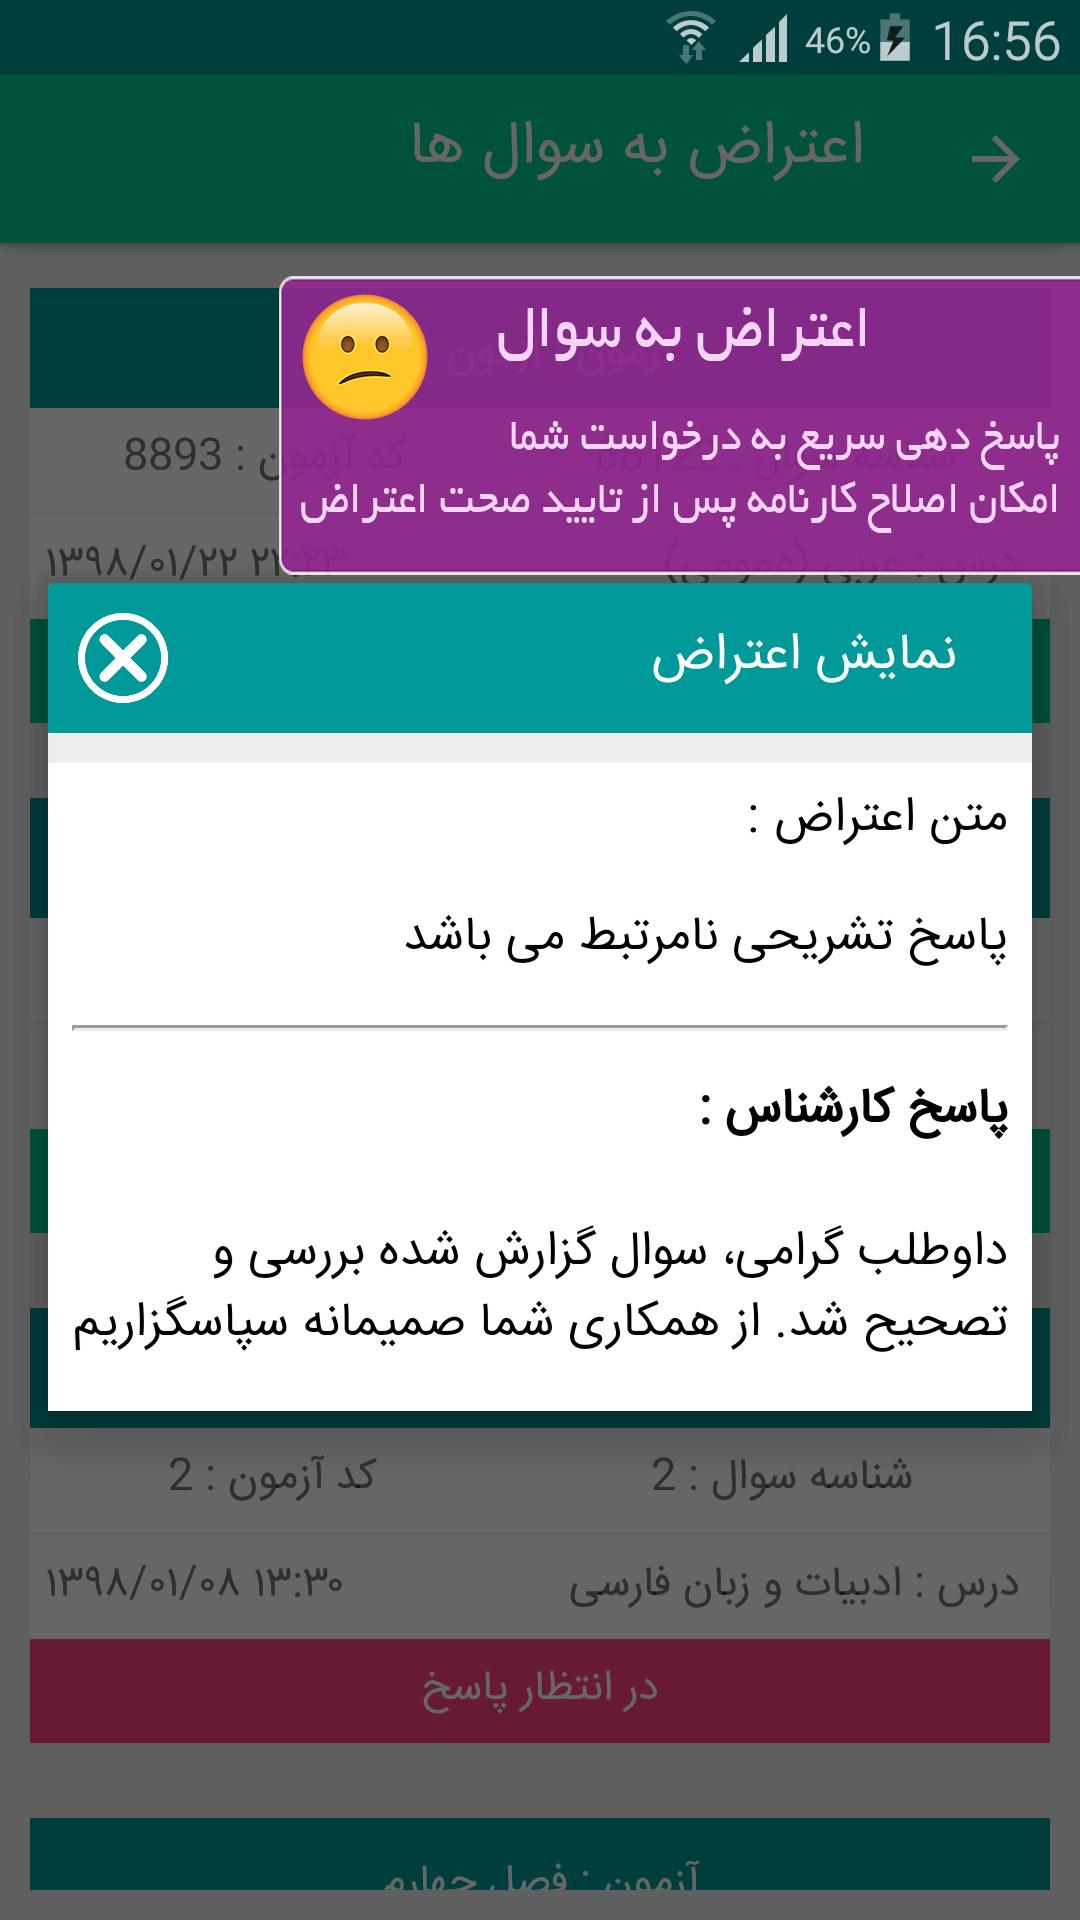 اپلیکیشن آزمون آنلاین